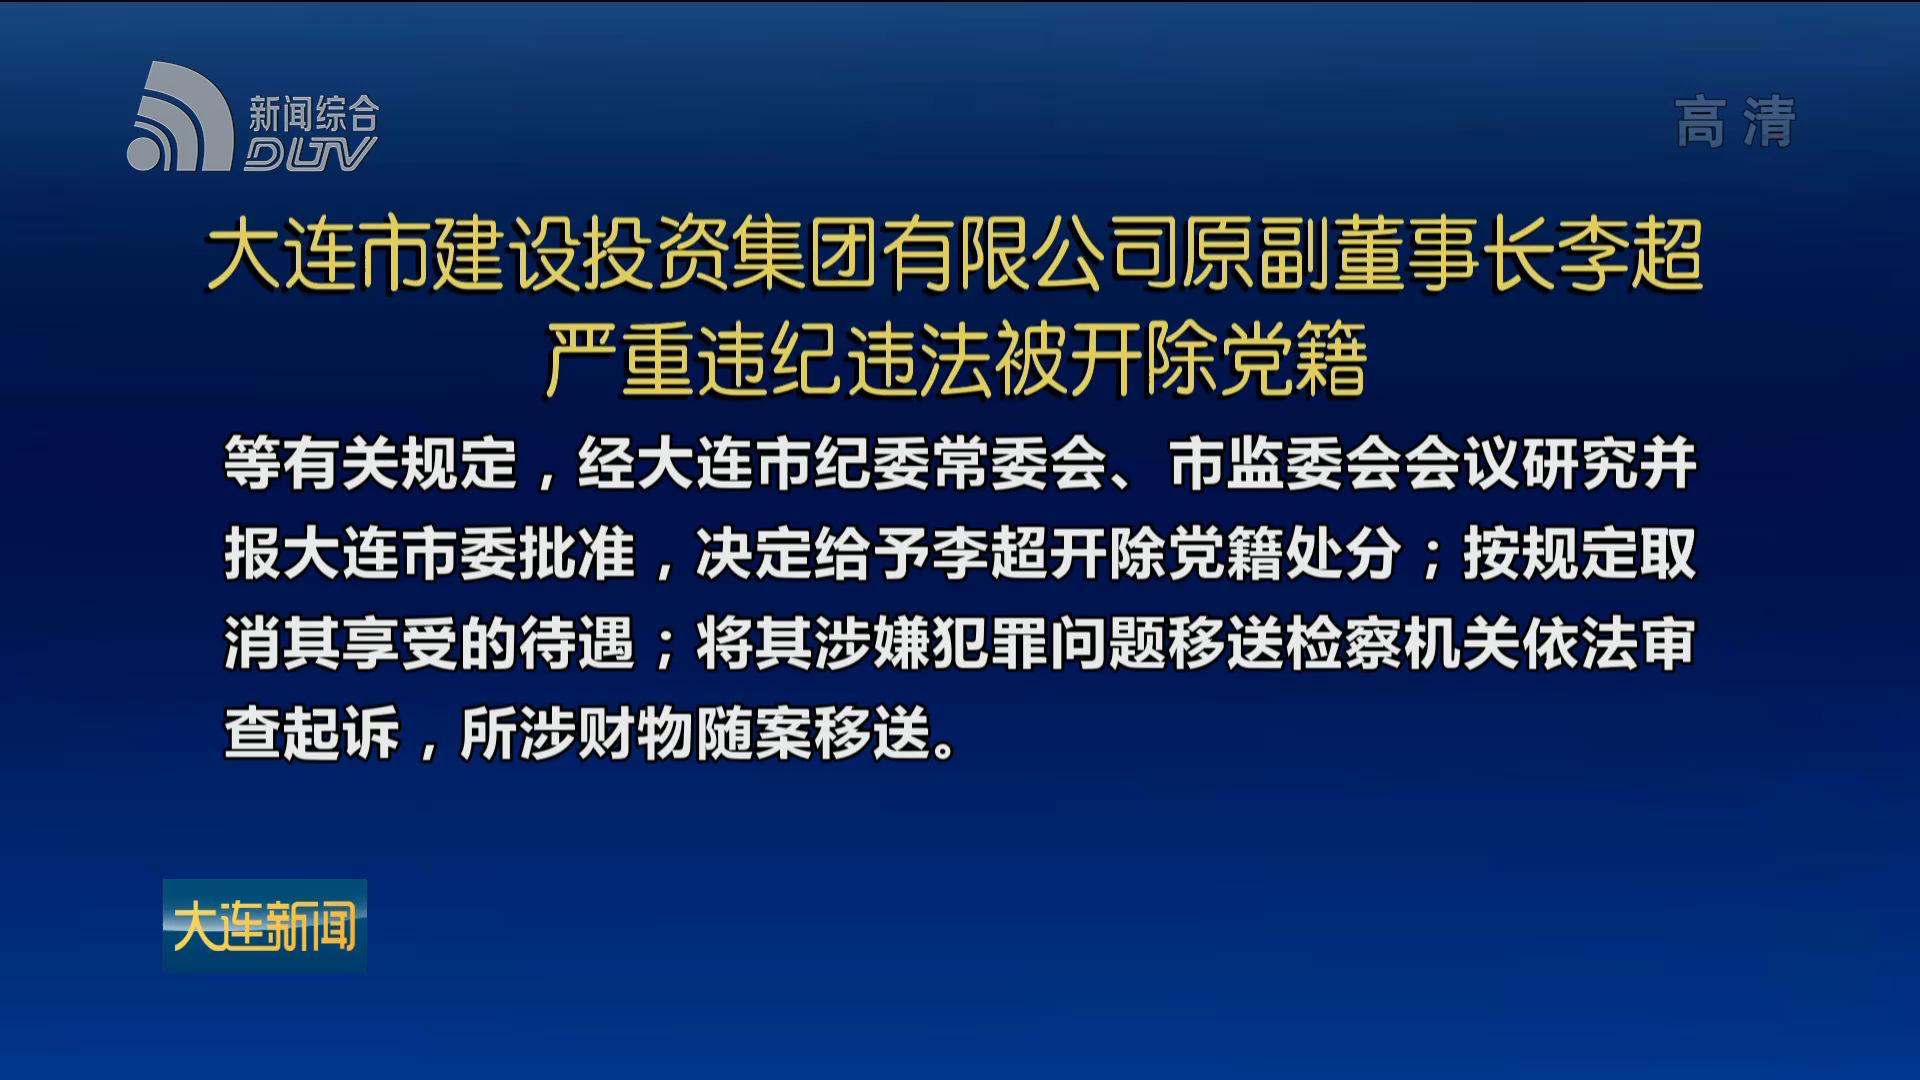 市建设投资集团有限公司副董事长被开除党籍